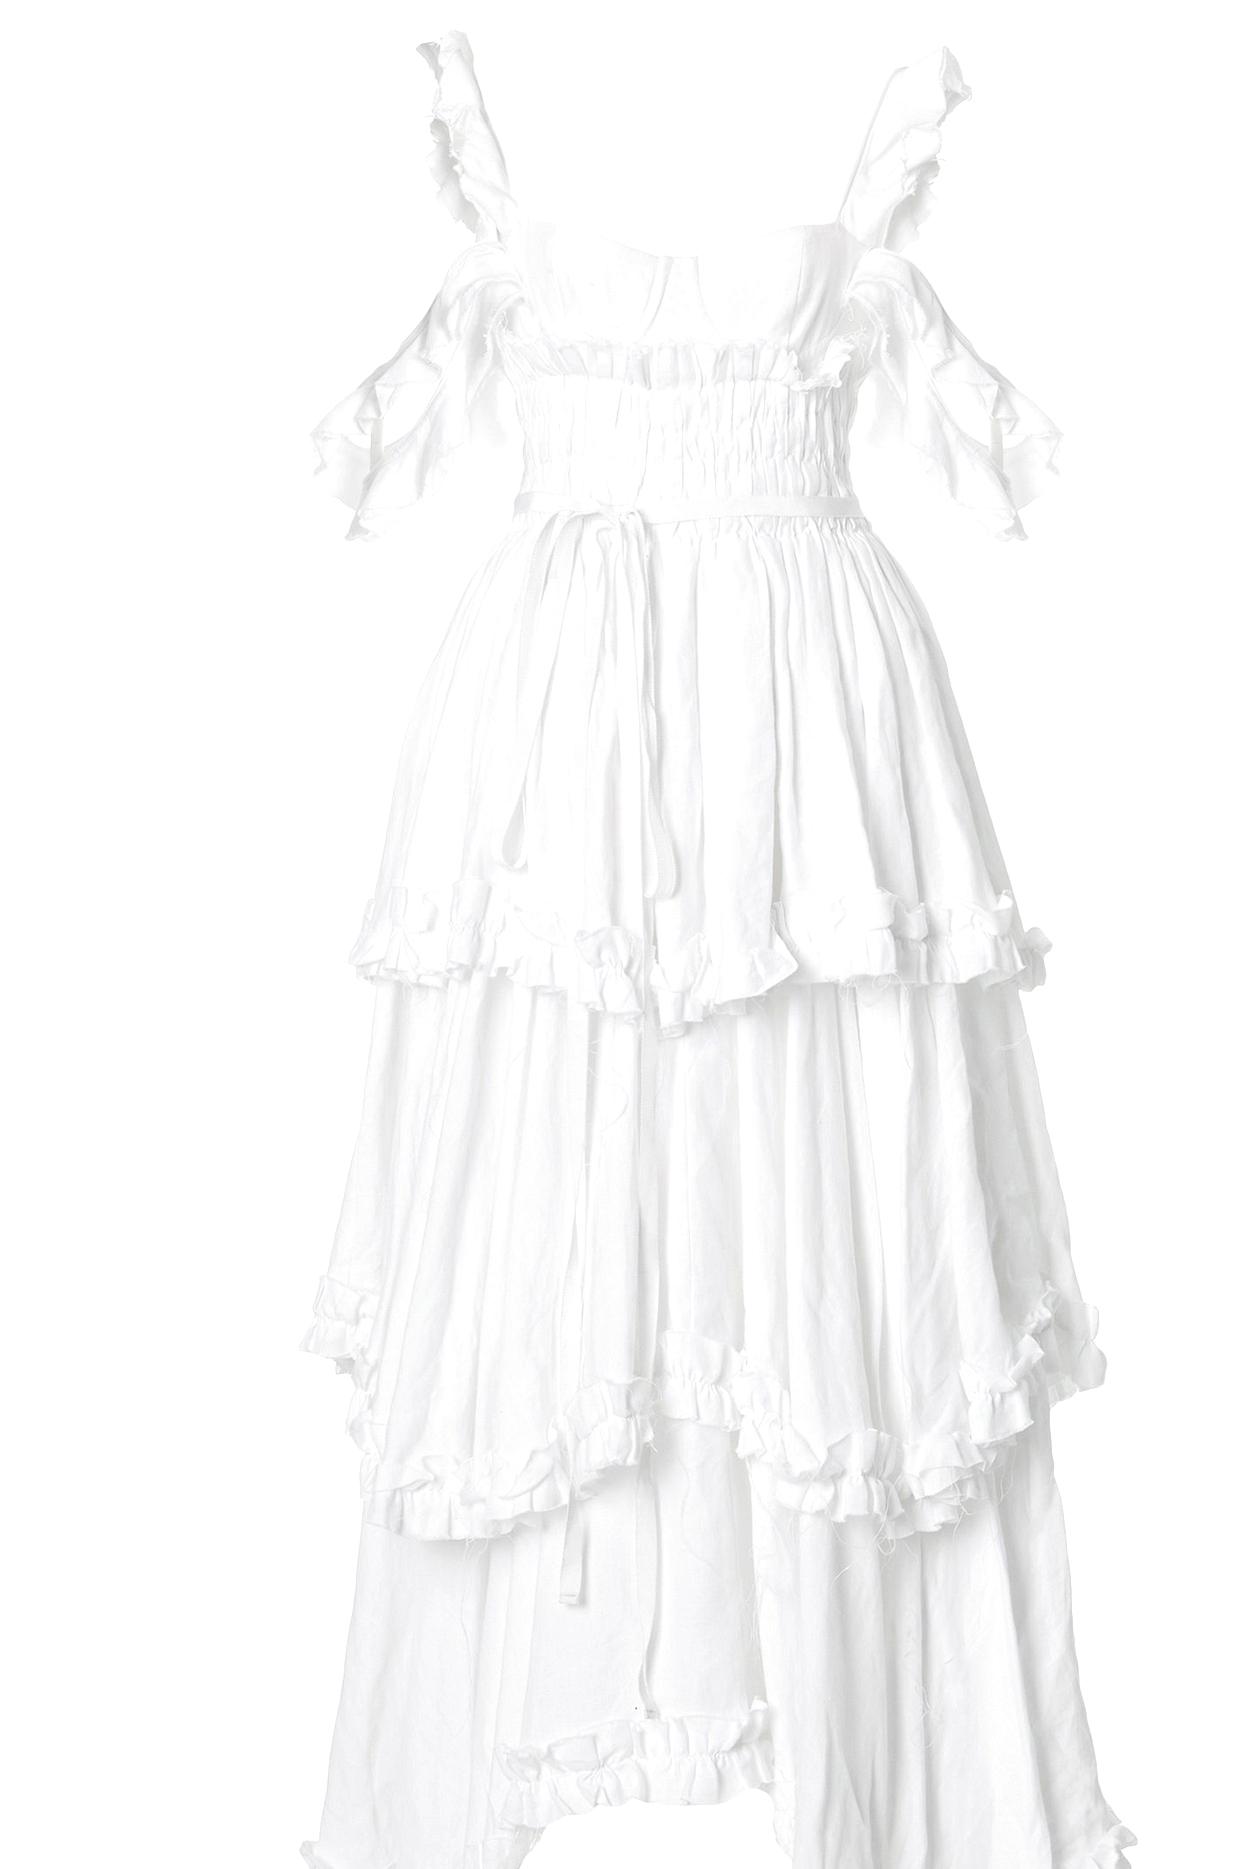 Regencycore white dress